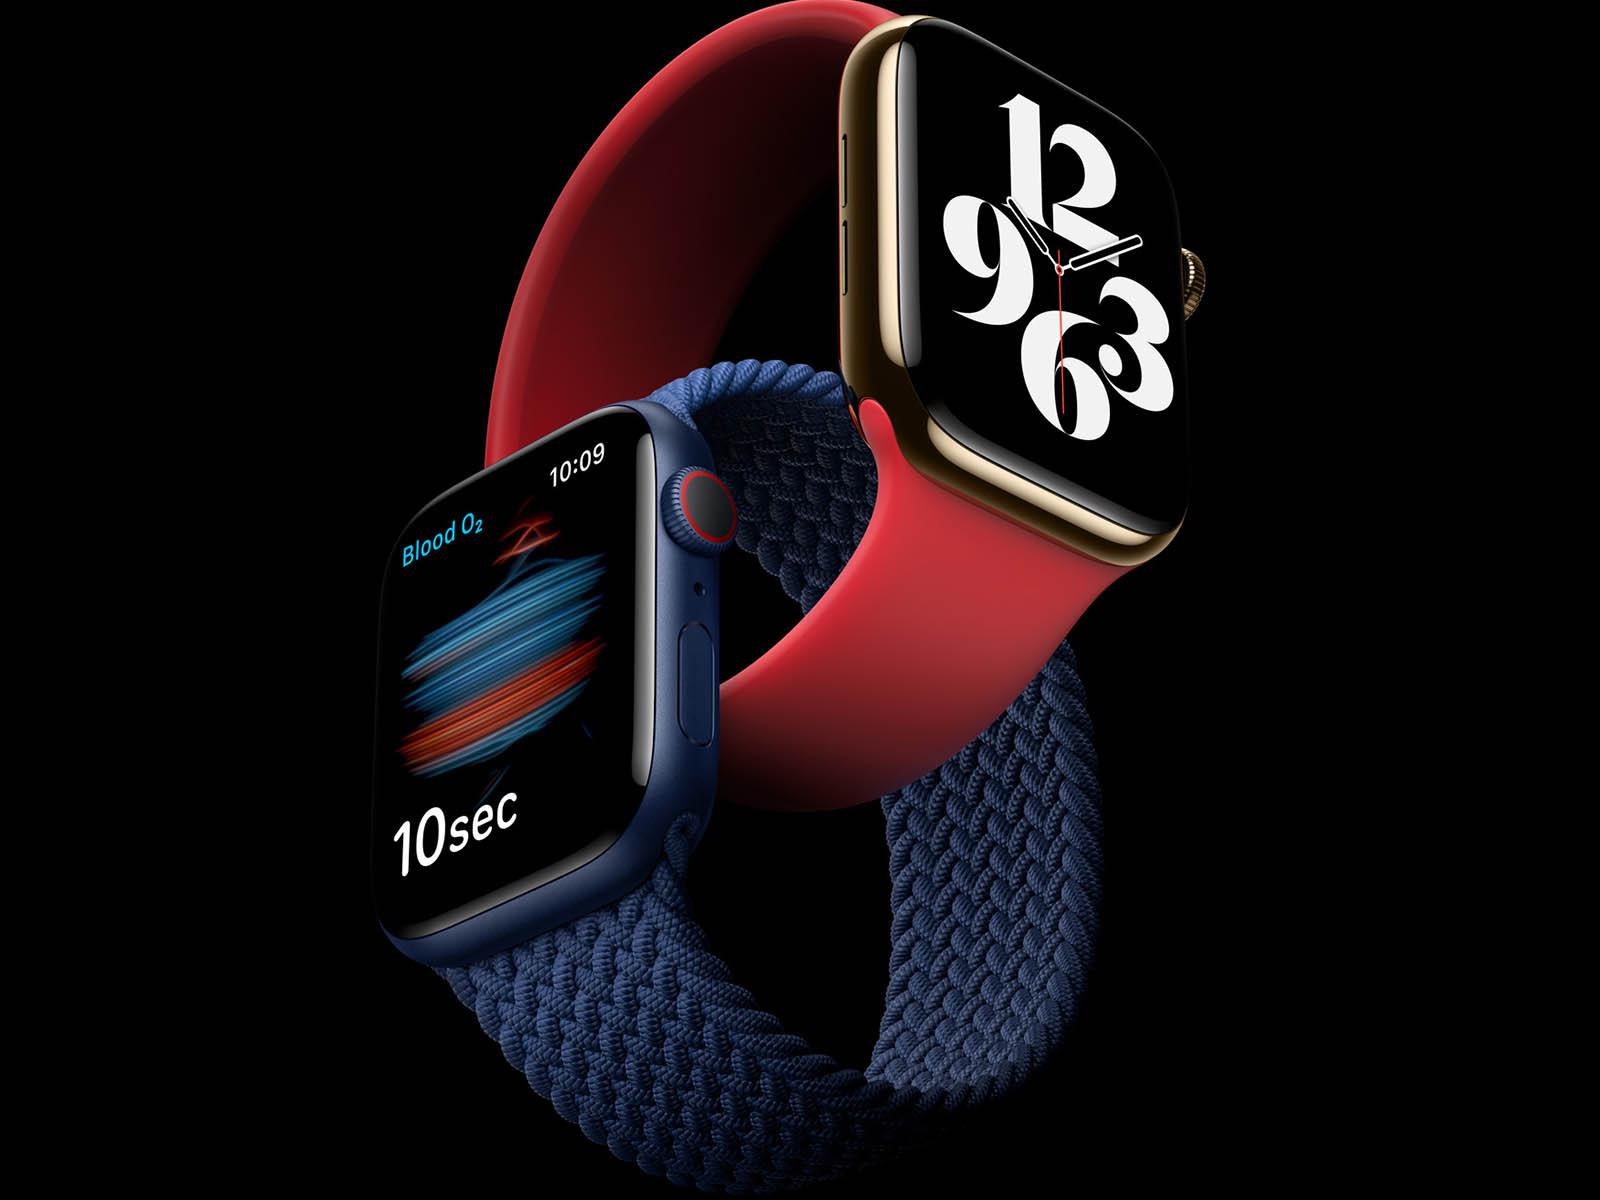 apple-watch-series-6-3.jpg